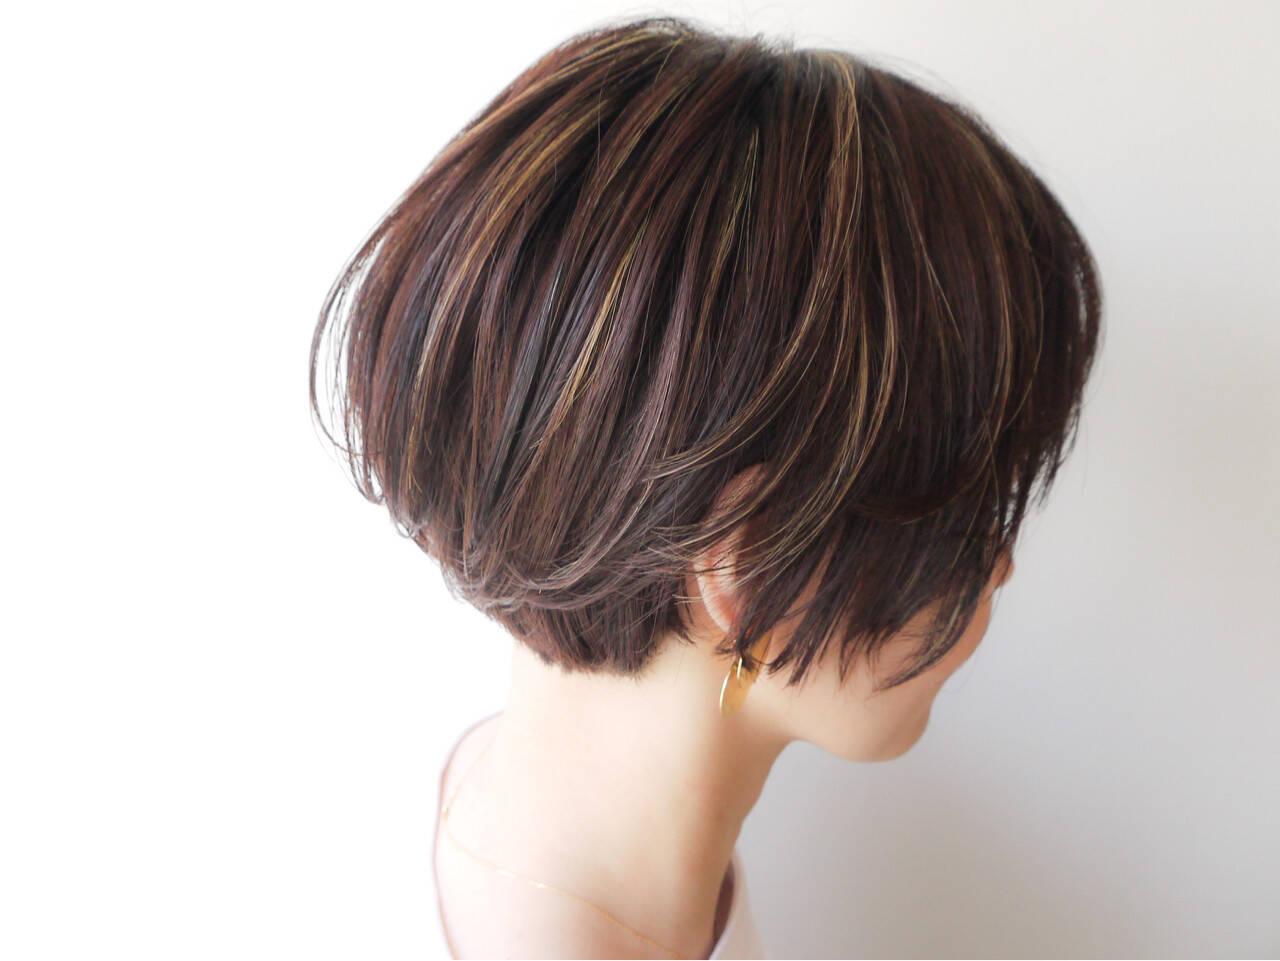 ナチュラル ショートボブ 女子力 ハイライトヘアスタイルや髪型の写真・画像